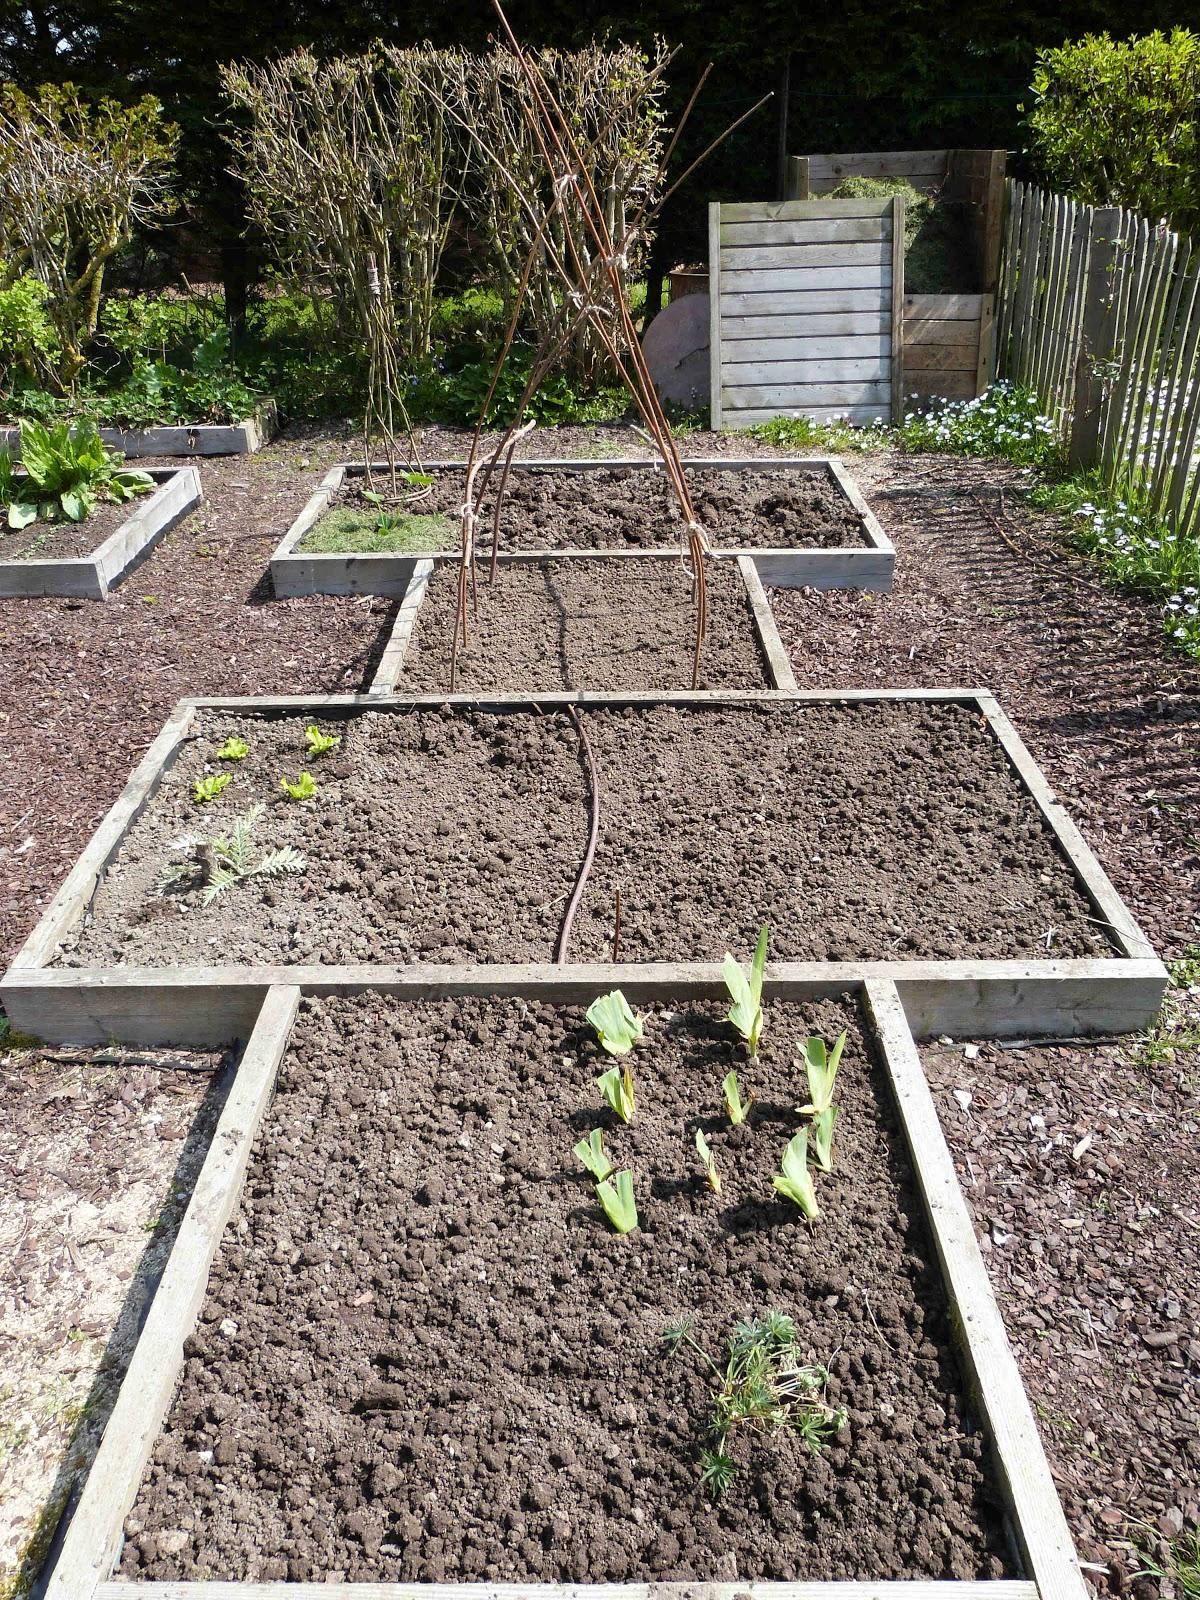 on verra au jardin les carr s du potager se remplissent. Black Bedroom Furniture Sets. Home Design Ideas